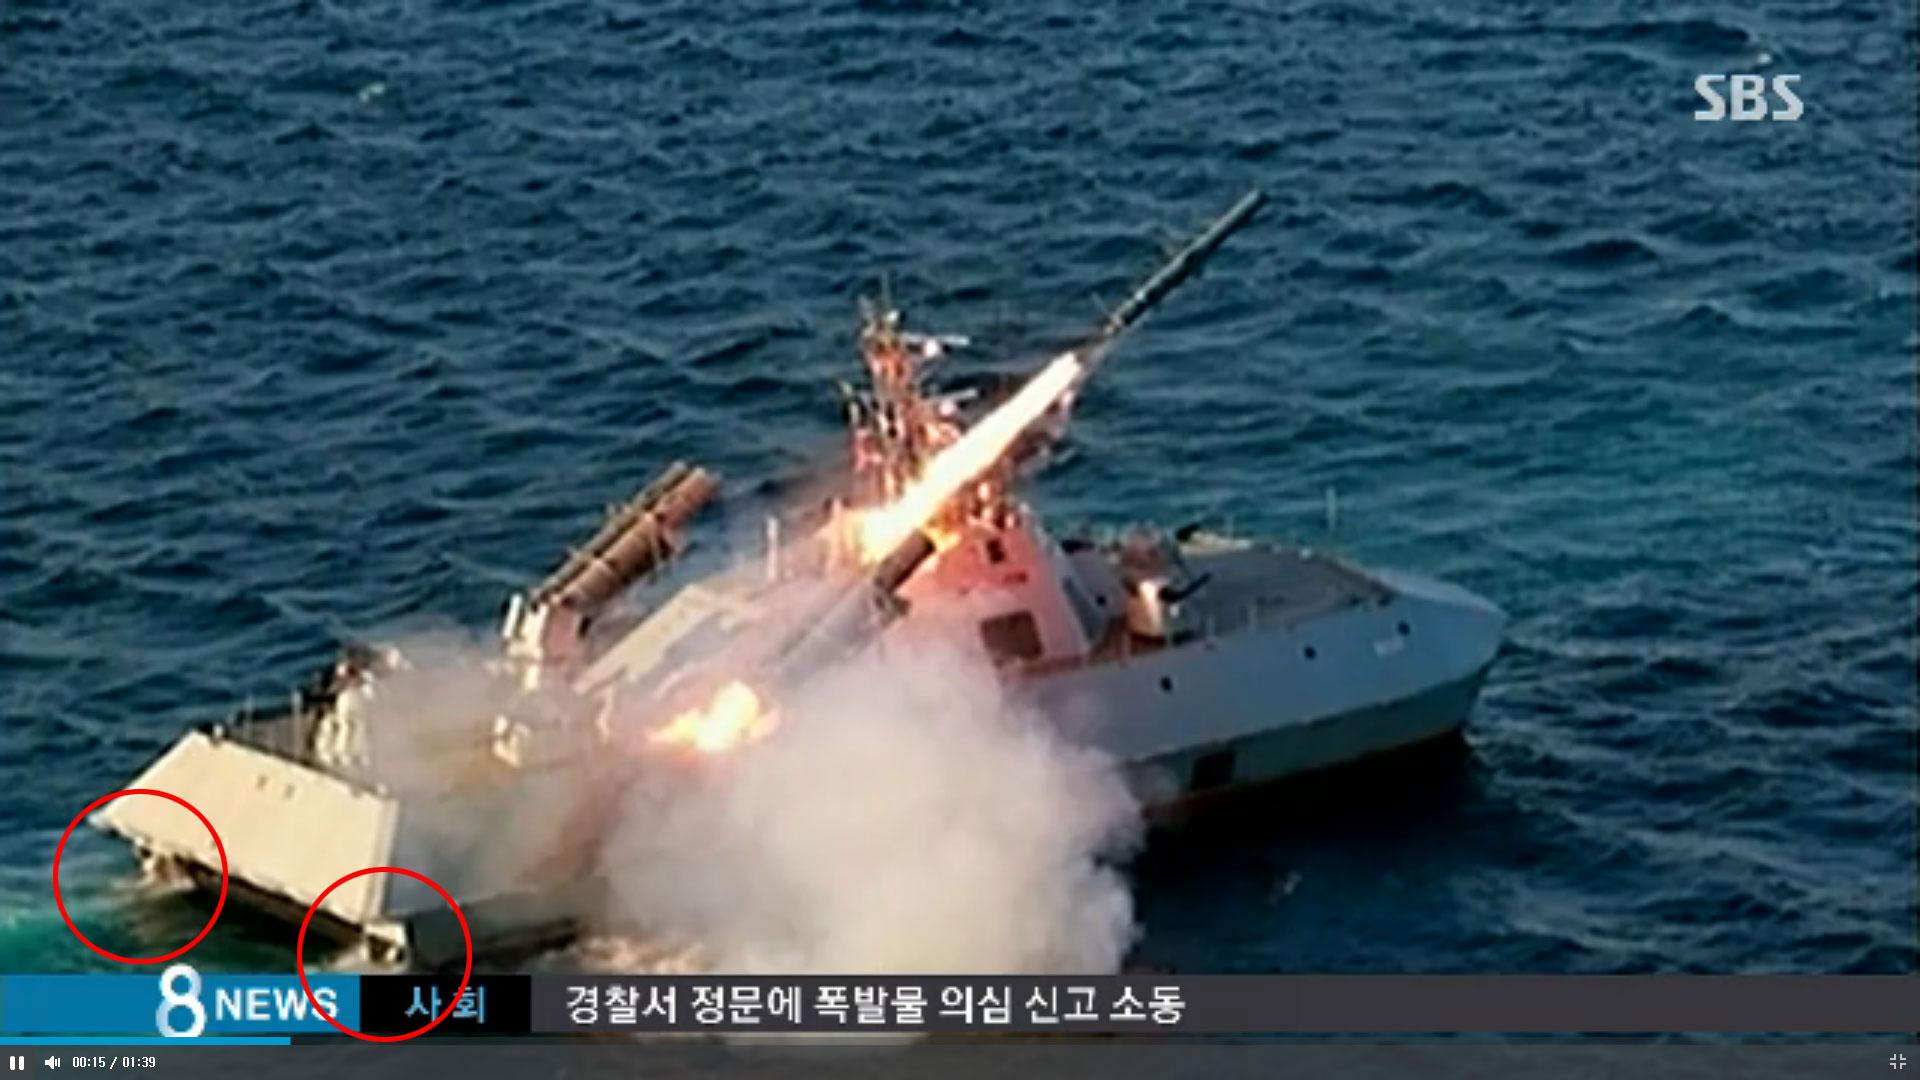 북한 신형 고속정 추진기관은 워터제트 방식